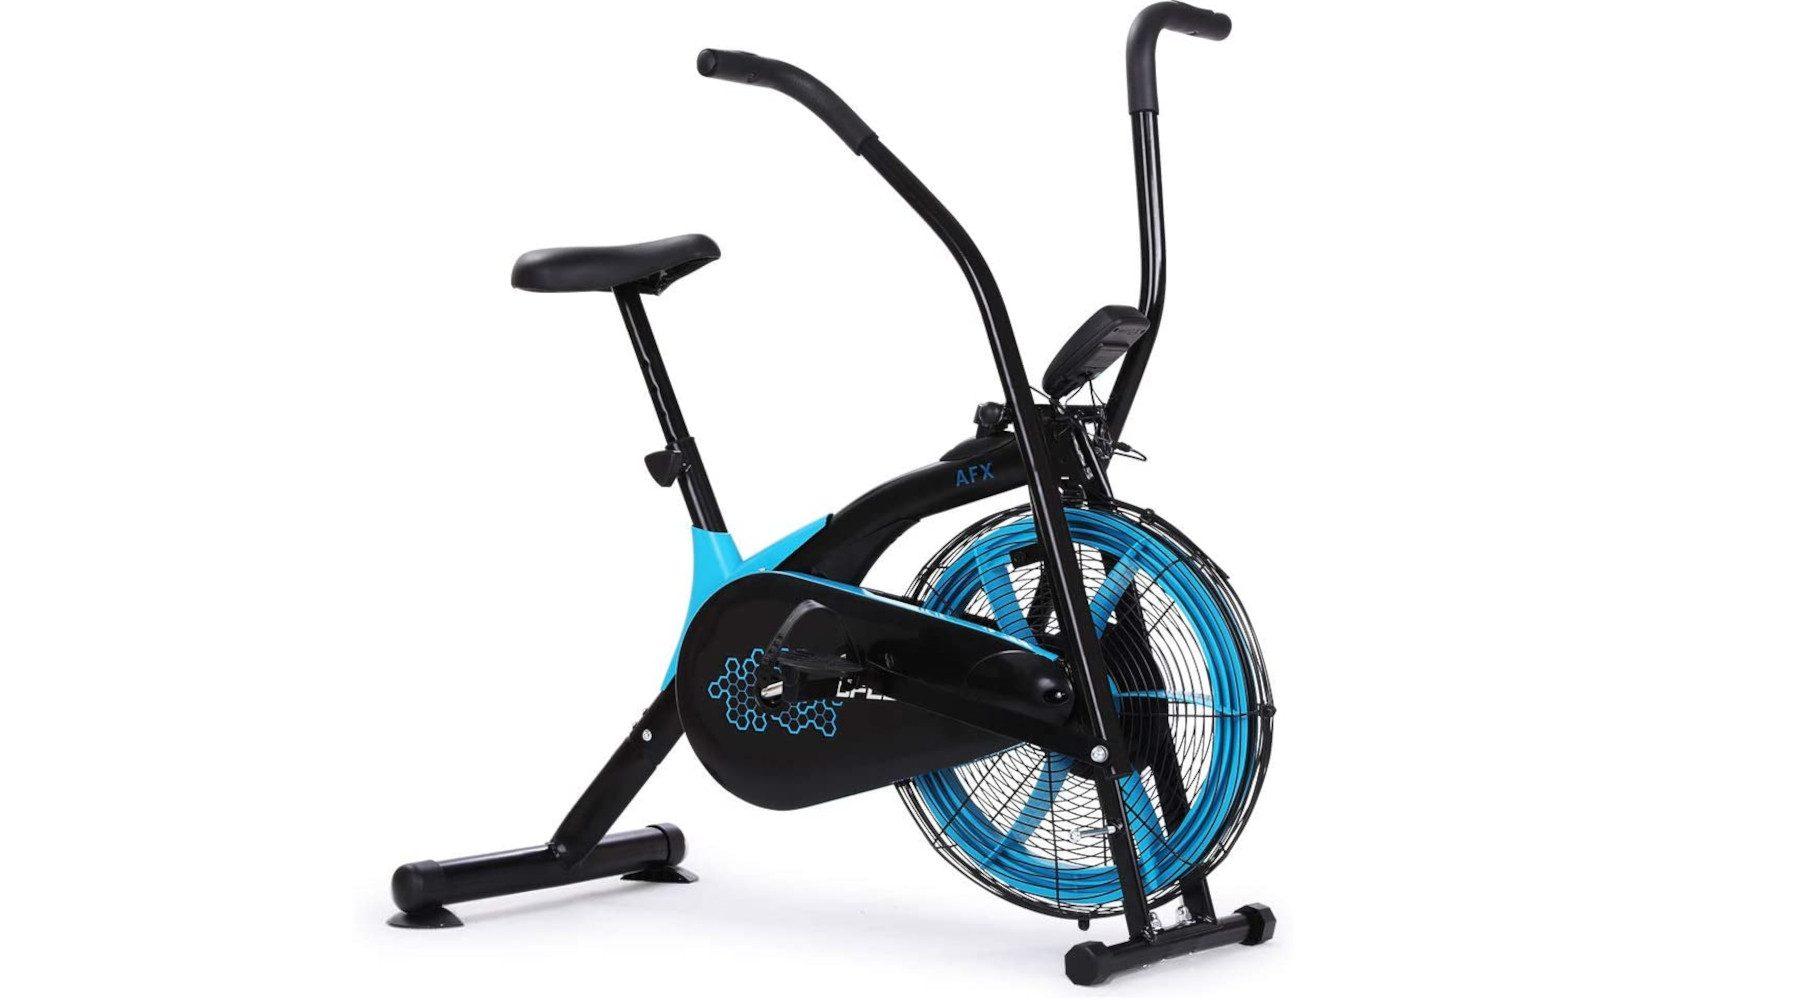 </p><h4>ProFlex AF1 Exercise Bike for $156 - save $133</h4><p>